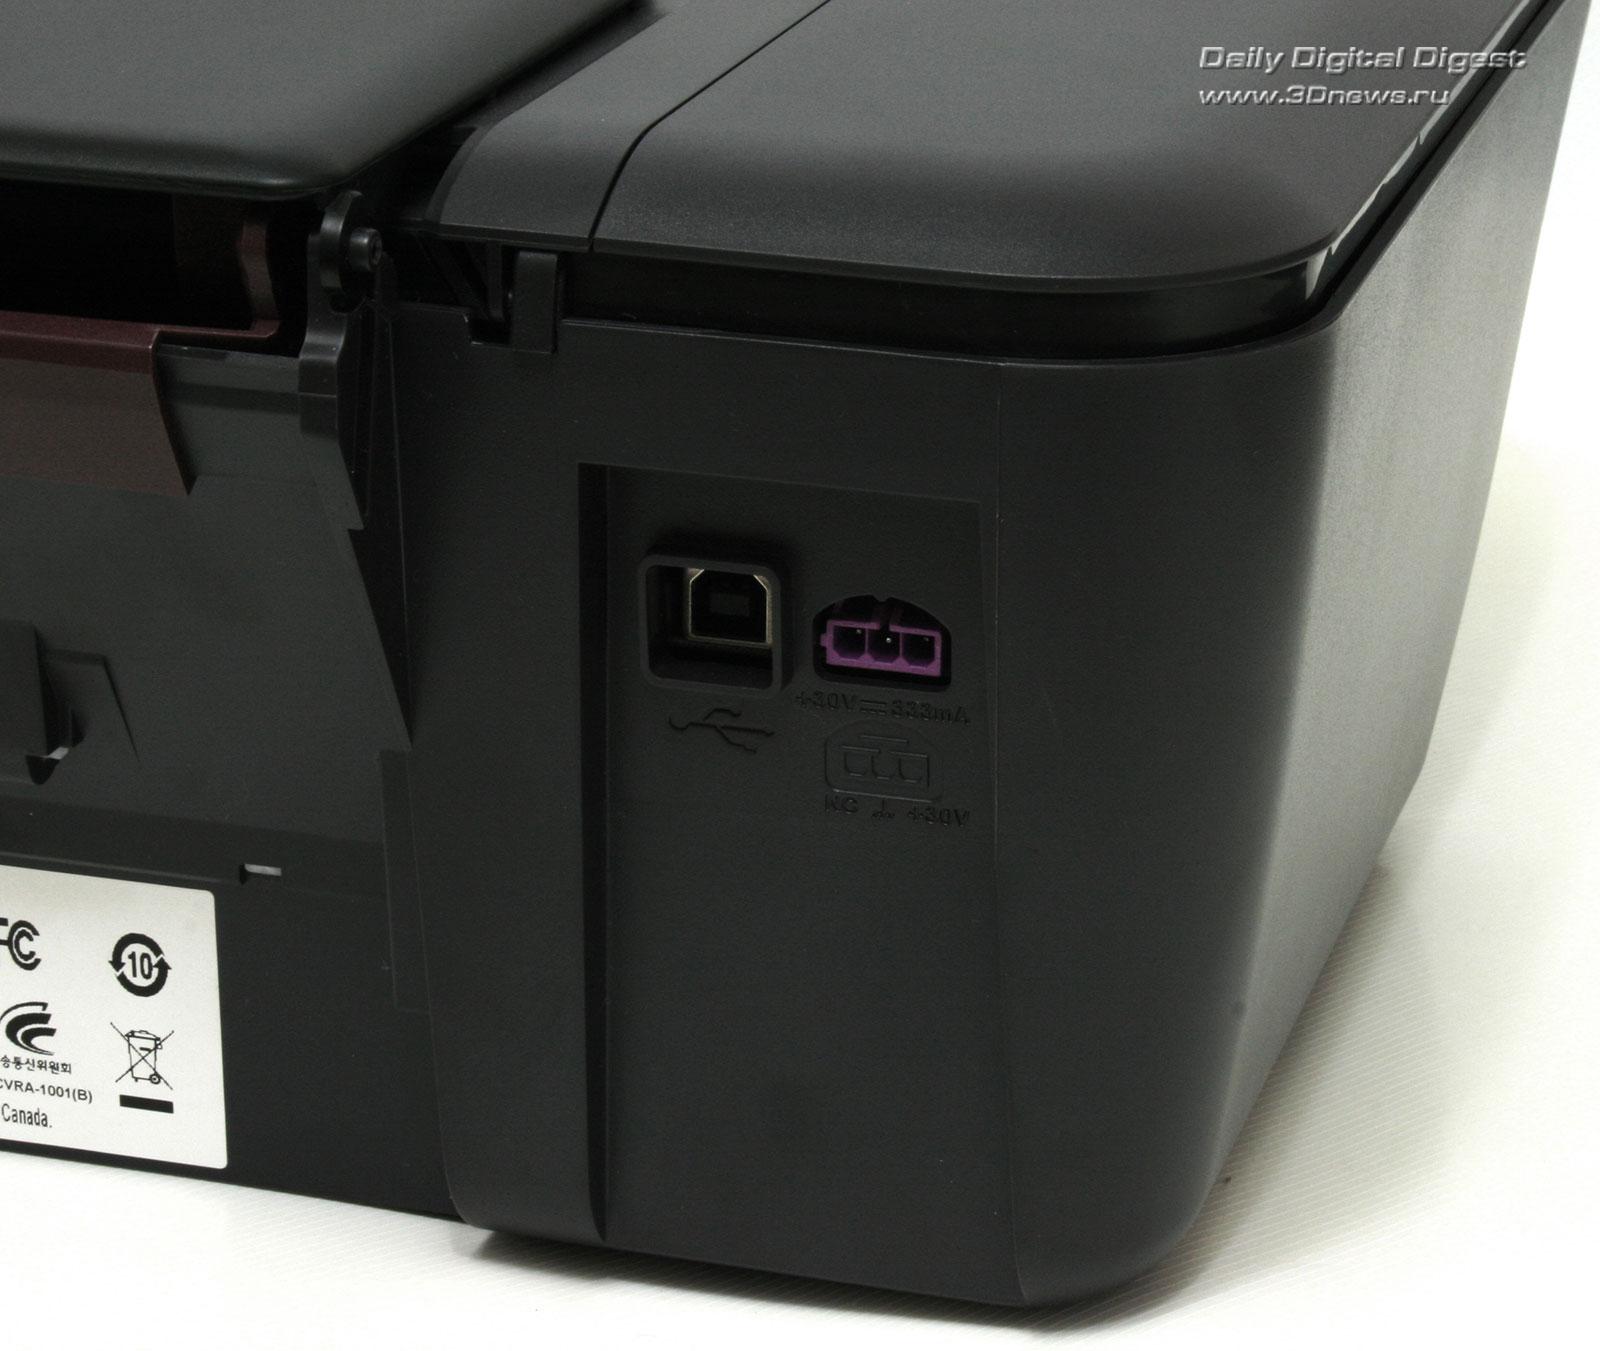 HP DJ 2050 WINDOWS 7 X64 DRIVER